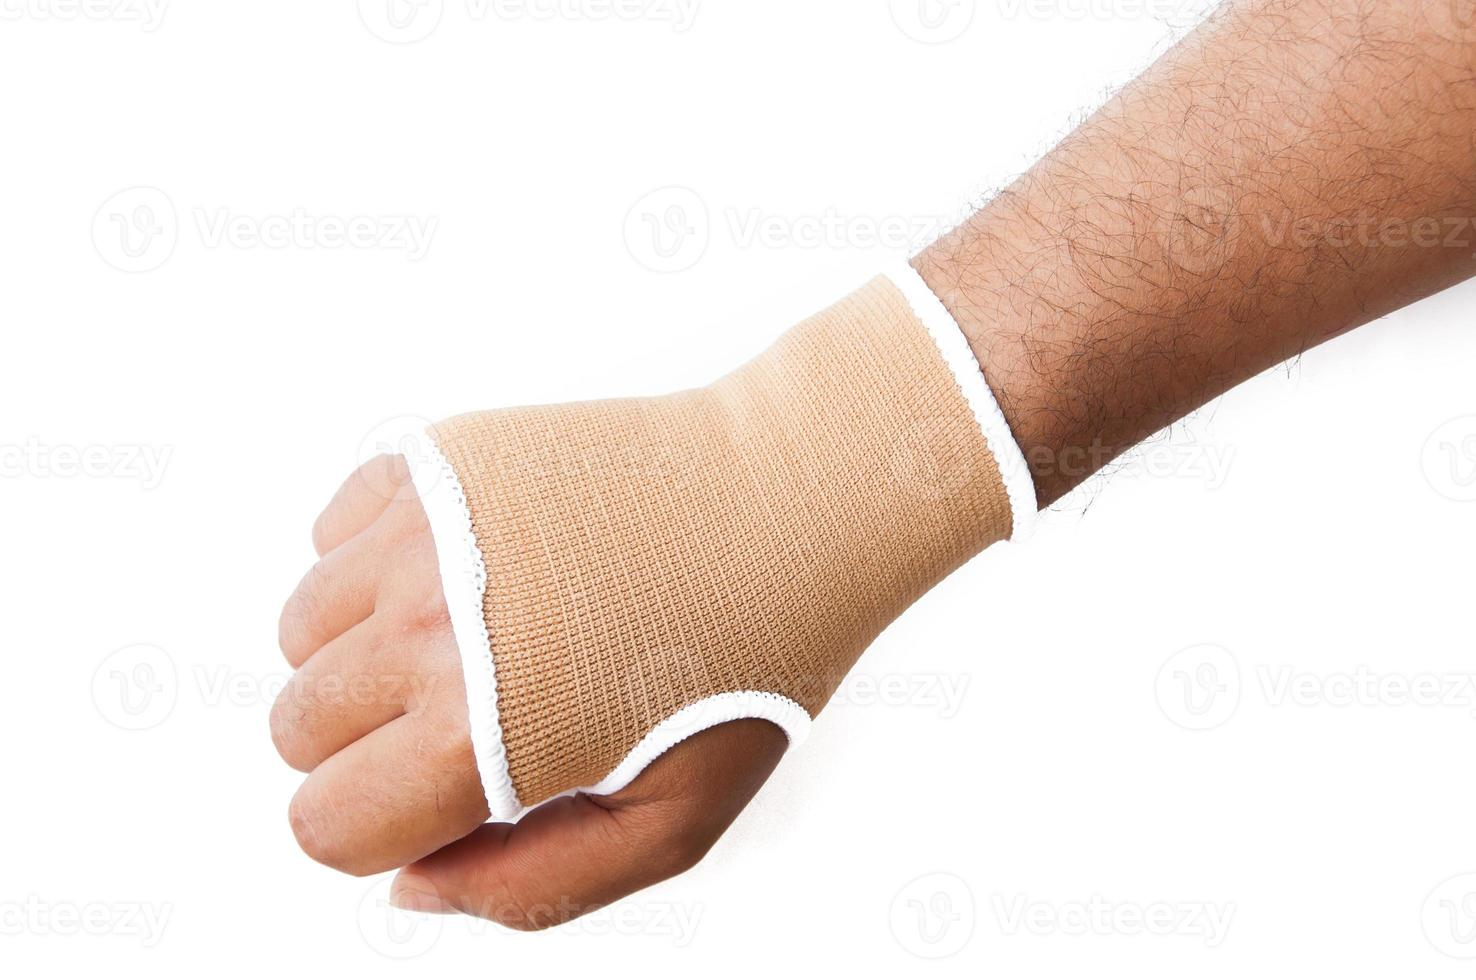 tala de mão close-up para tratamento de osso quebrado isolado no branco foto